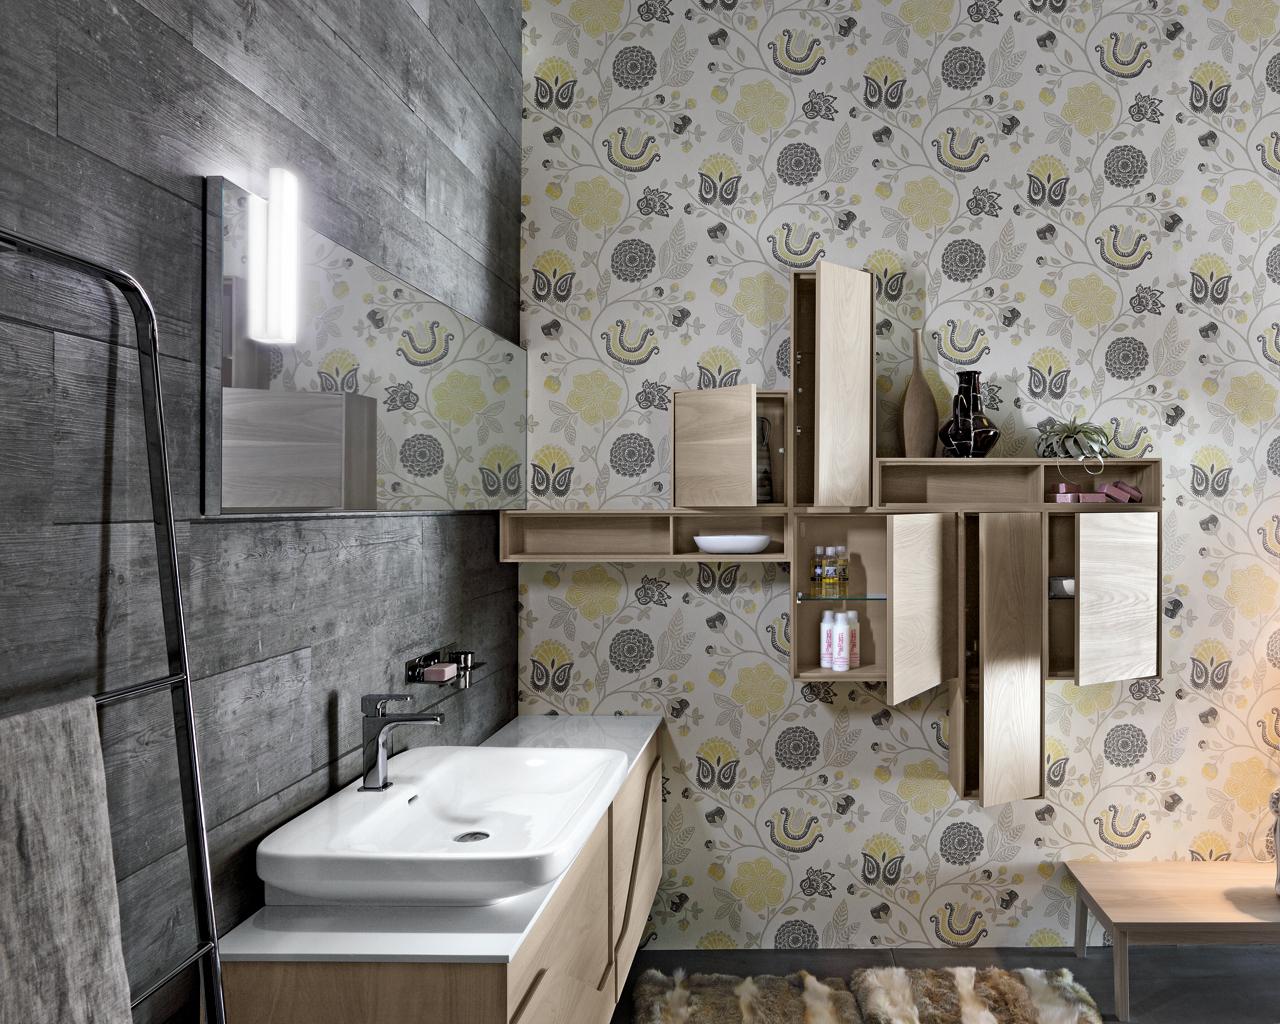 Una stanza da bagno vintage in stile anni 50 for Mobili bagno vintage